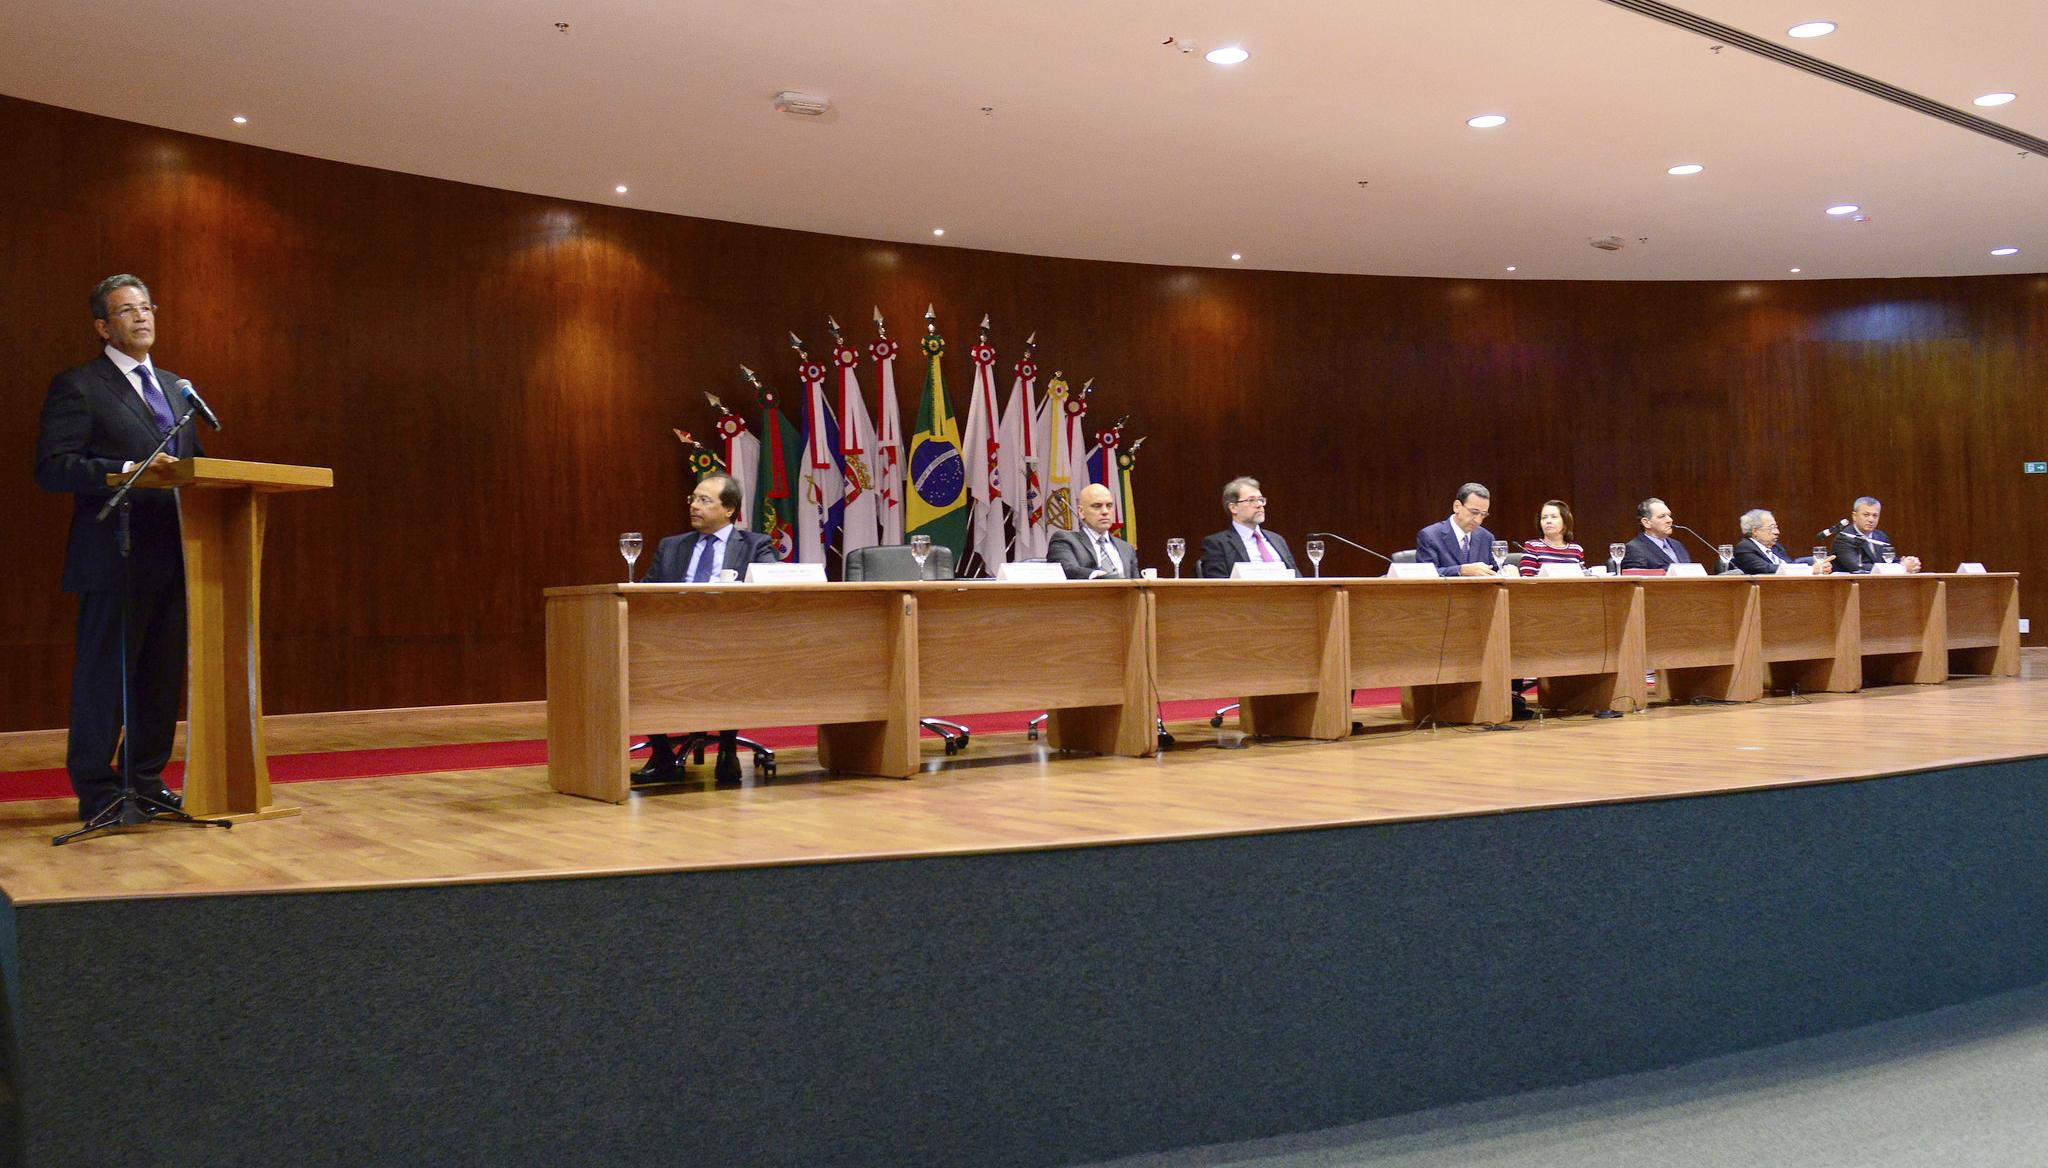 Ministro Mauro Campbell Marques é o novo corregedor-geral da Justiça Federal